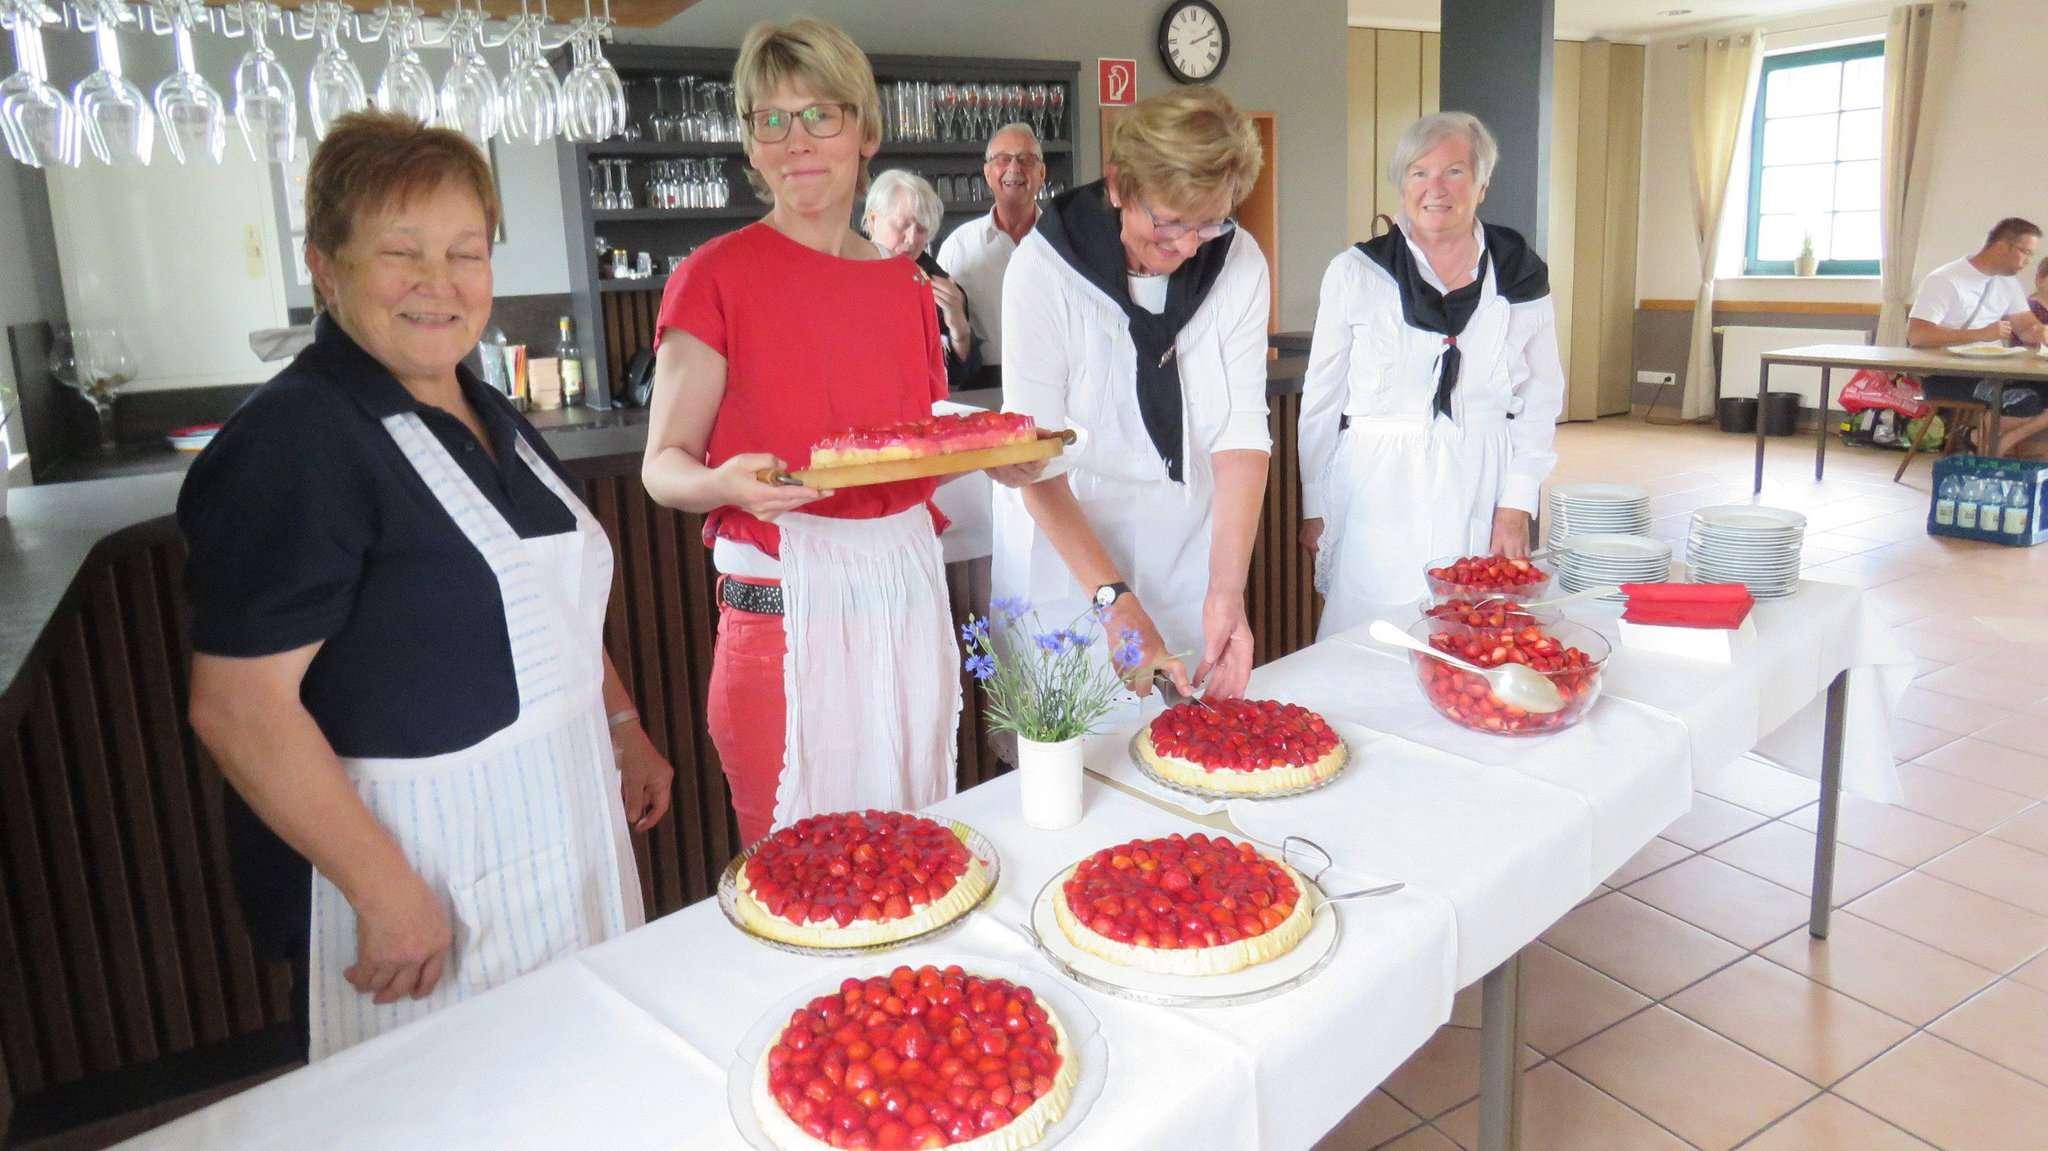 Fleißige Helferinnen sorgten für ein üppiges Erdbeerkuchenbüfett in Bassen.  Foto: Elke Keppler-Rosenau